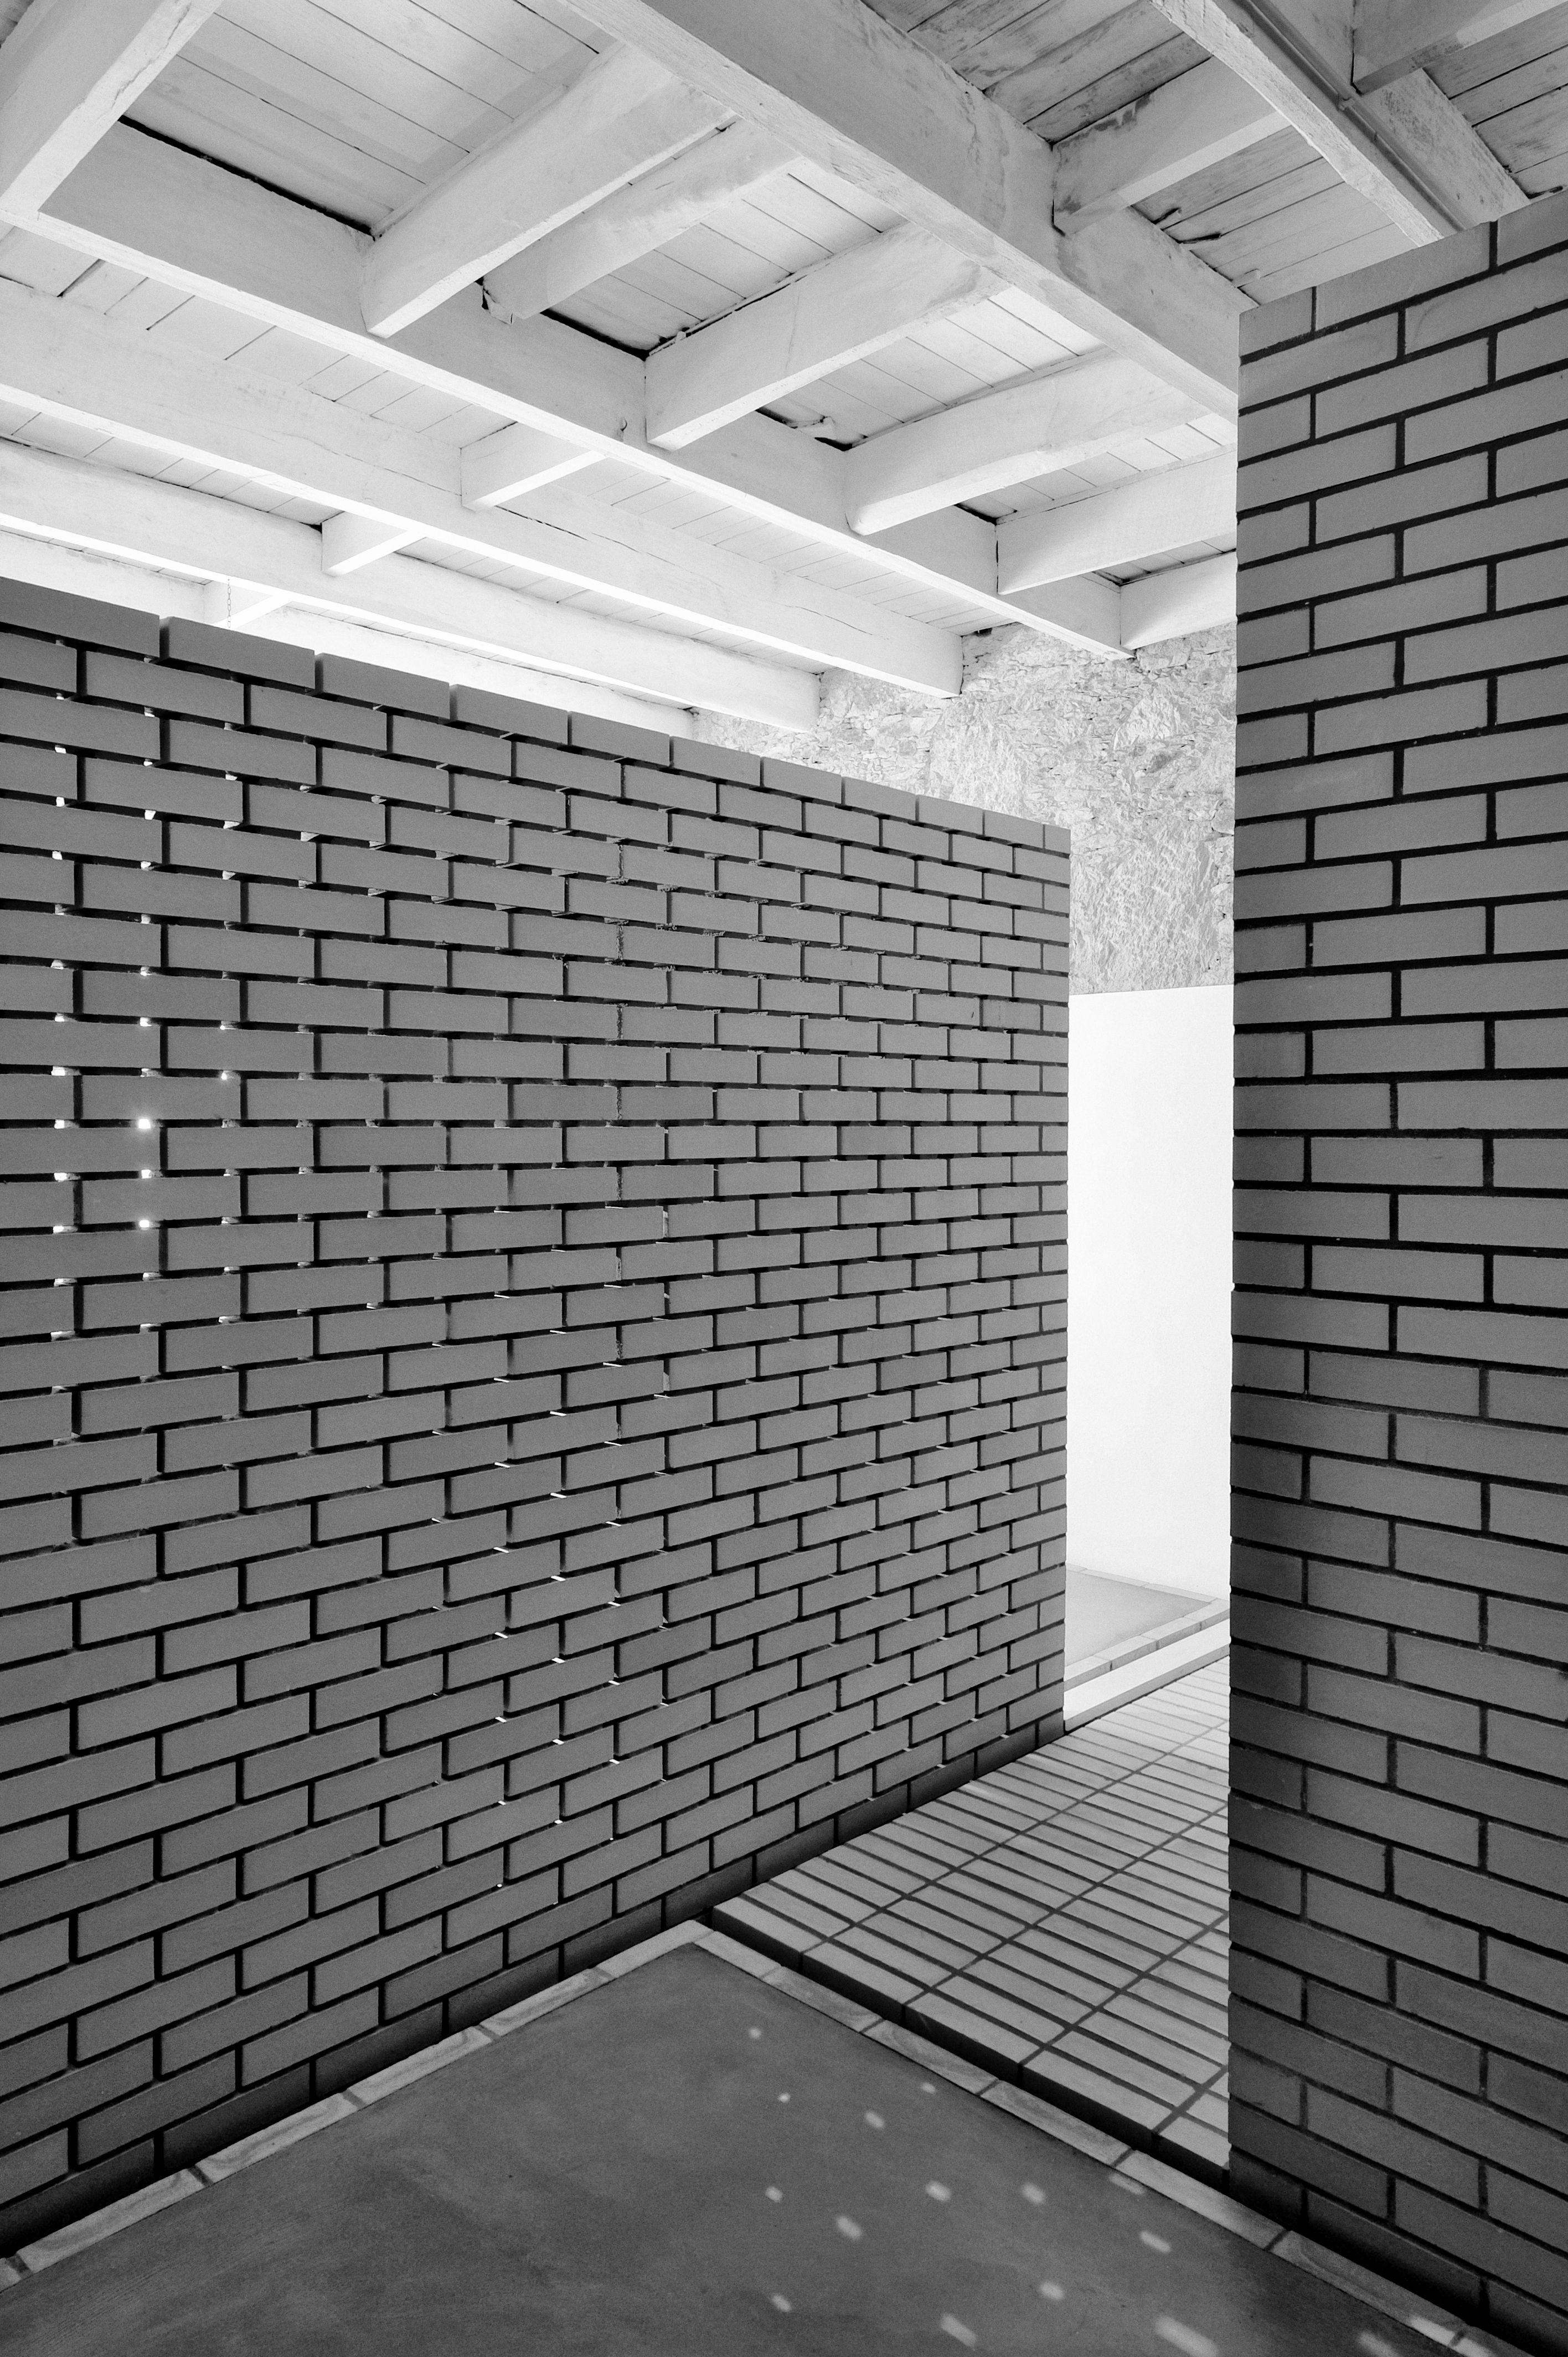 Requalificação do Espaço 355 | 10 Dedos Valentes Arquitectura http://goo.gl/NTzTlR  Klinker Face Brick #EN http://goo.gl/VXIoUx Tijolo Face à Vista Klinker #PT http://goo.gl/mWBDIJ  #klinker #brick #tijolo #arquitectura #arquitetura #architecture